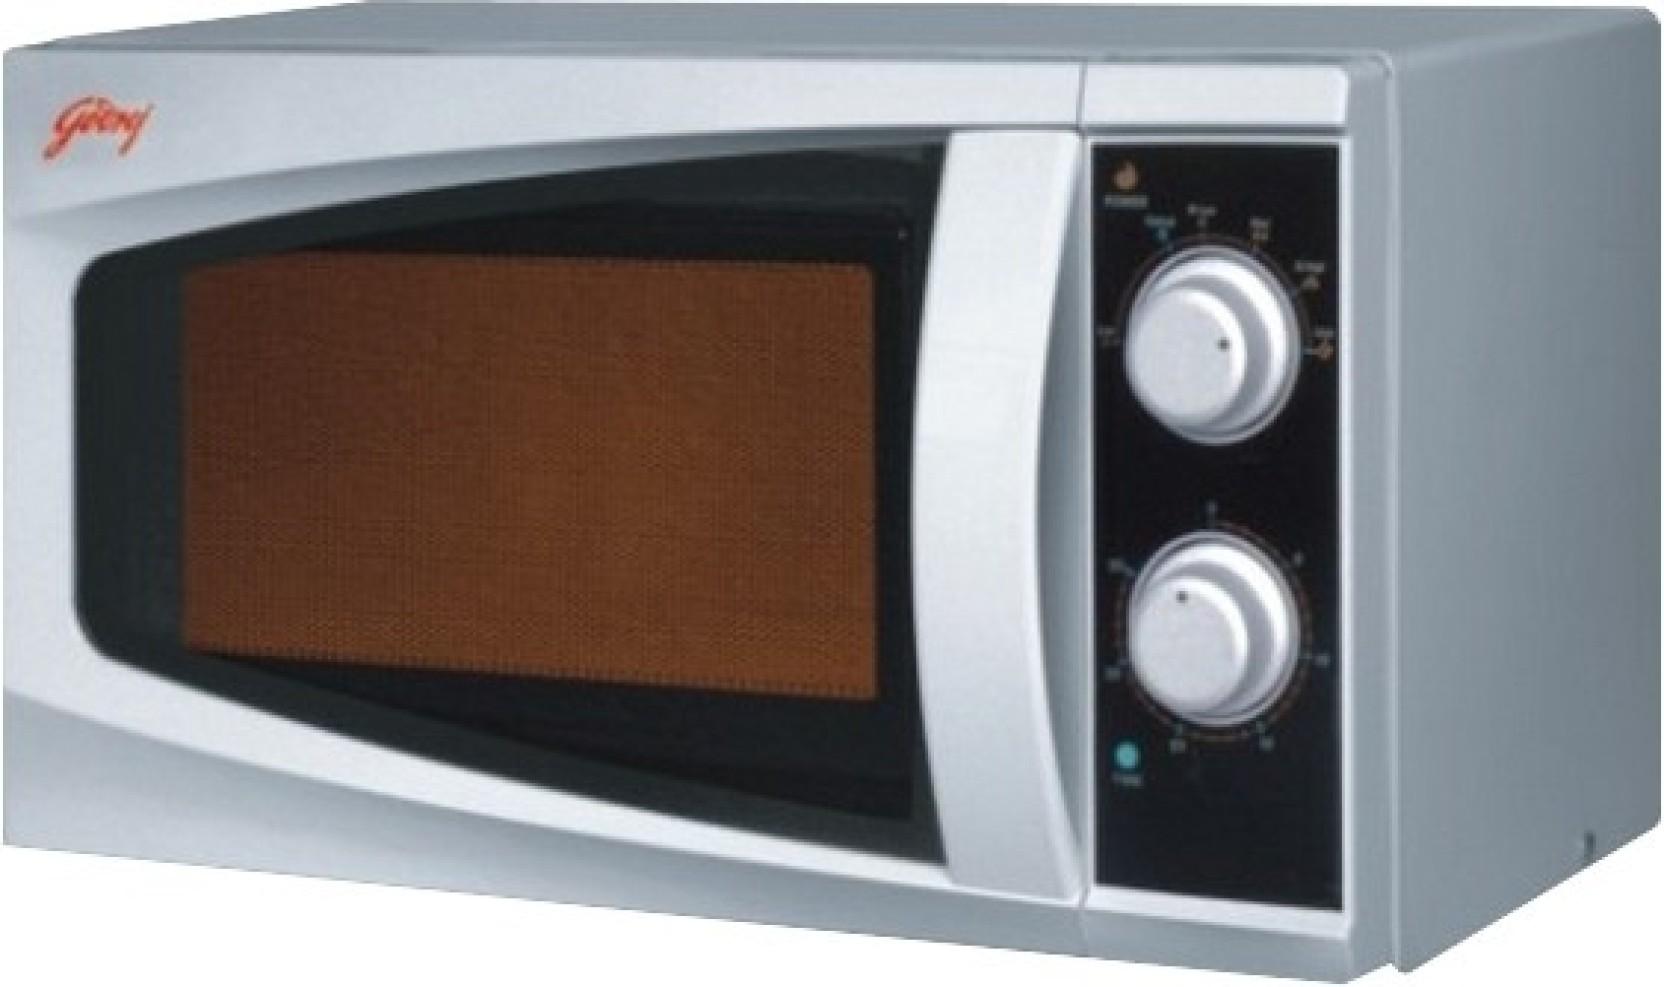 Godrej GMS 17M 07 WHGX Solo 17 L Solo Microwave Oven